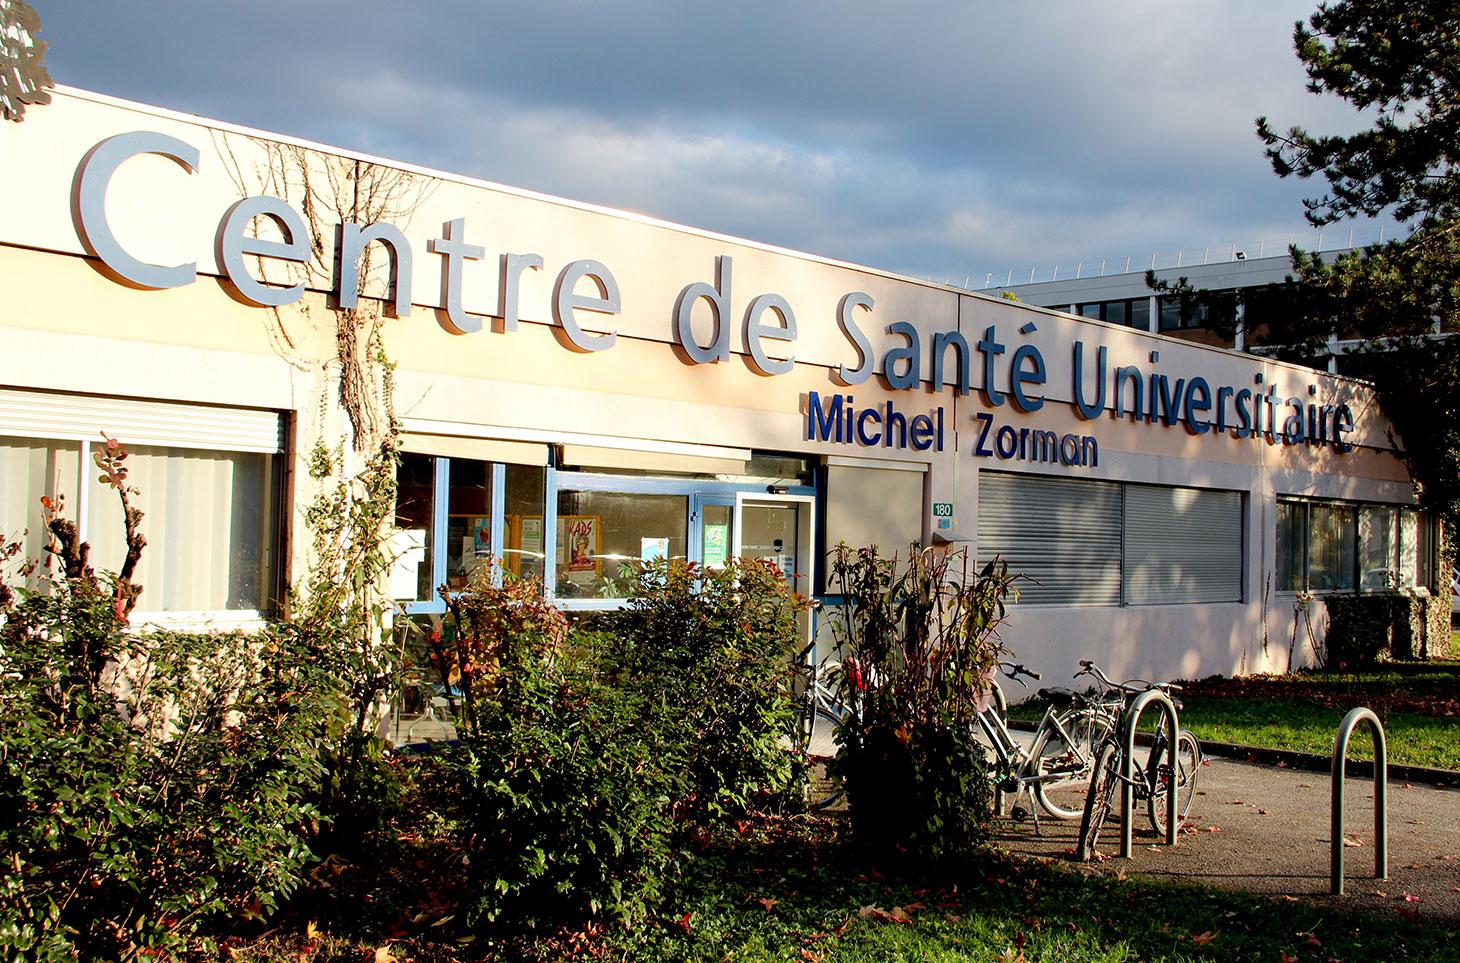 Centre de santé universitaire Michel Zorman